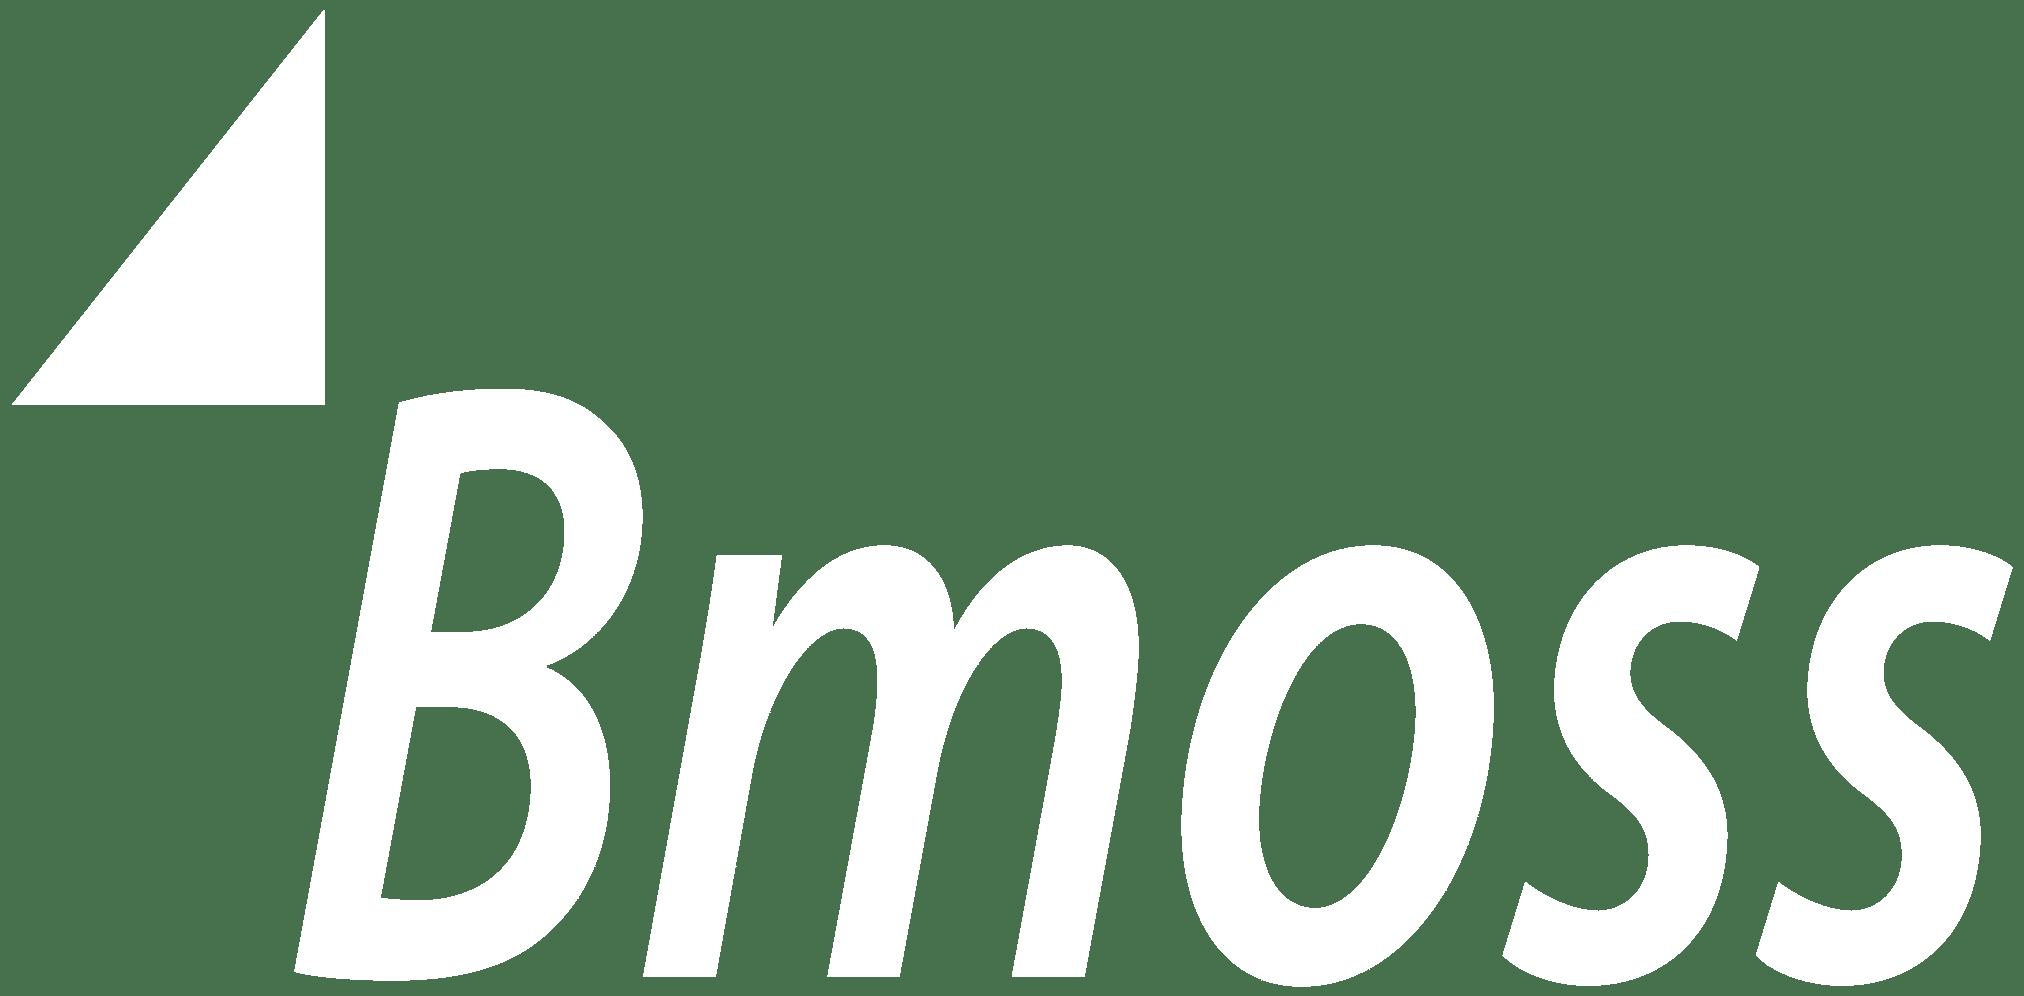 Bmoss